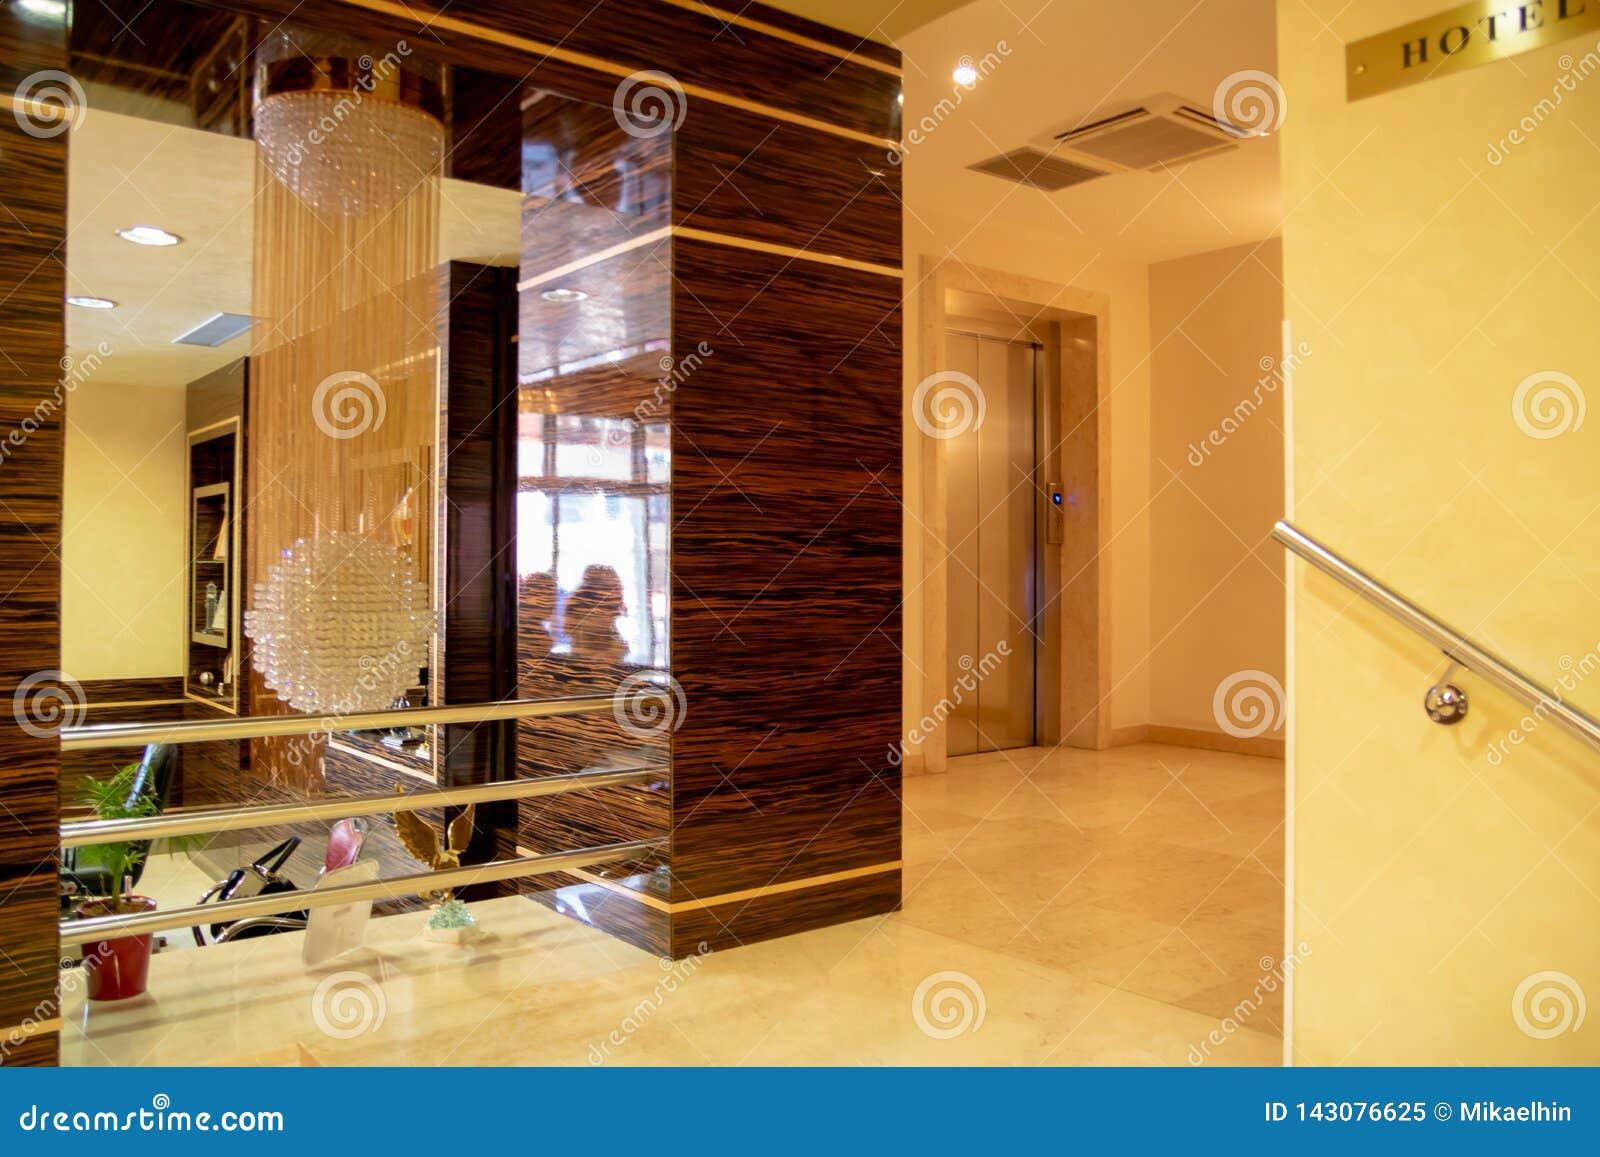 L ALBANIE, FIER - 2 FÉVRIER 2015 : Intérieur de luxe de lobby, hôtel Fieri